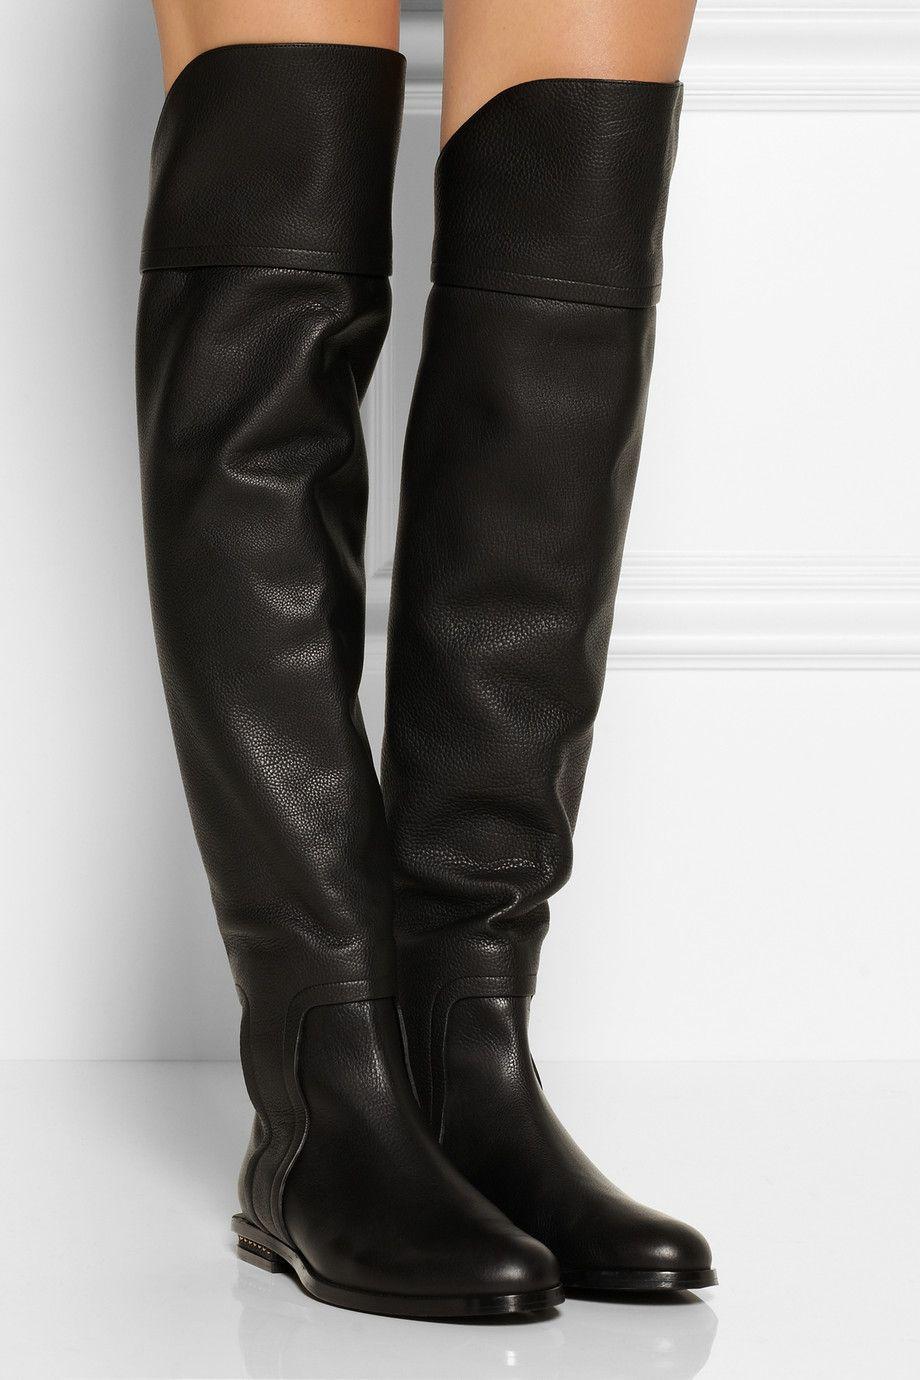 eaaf59c46c5 Black Leather Vogue Designer Flat Knee High Boots